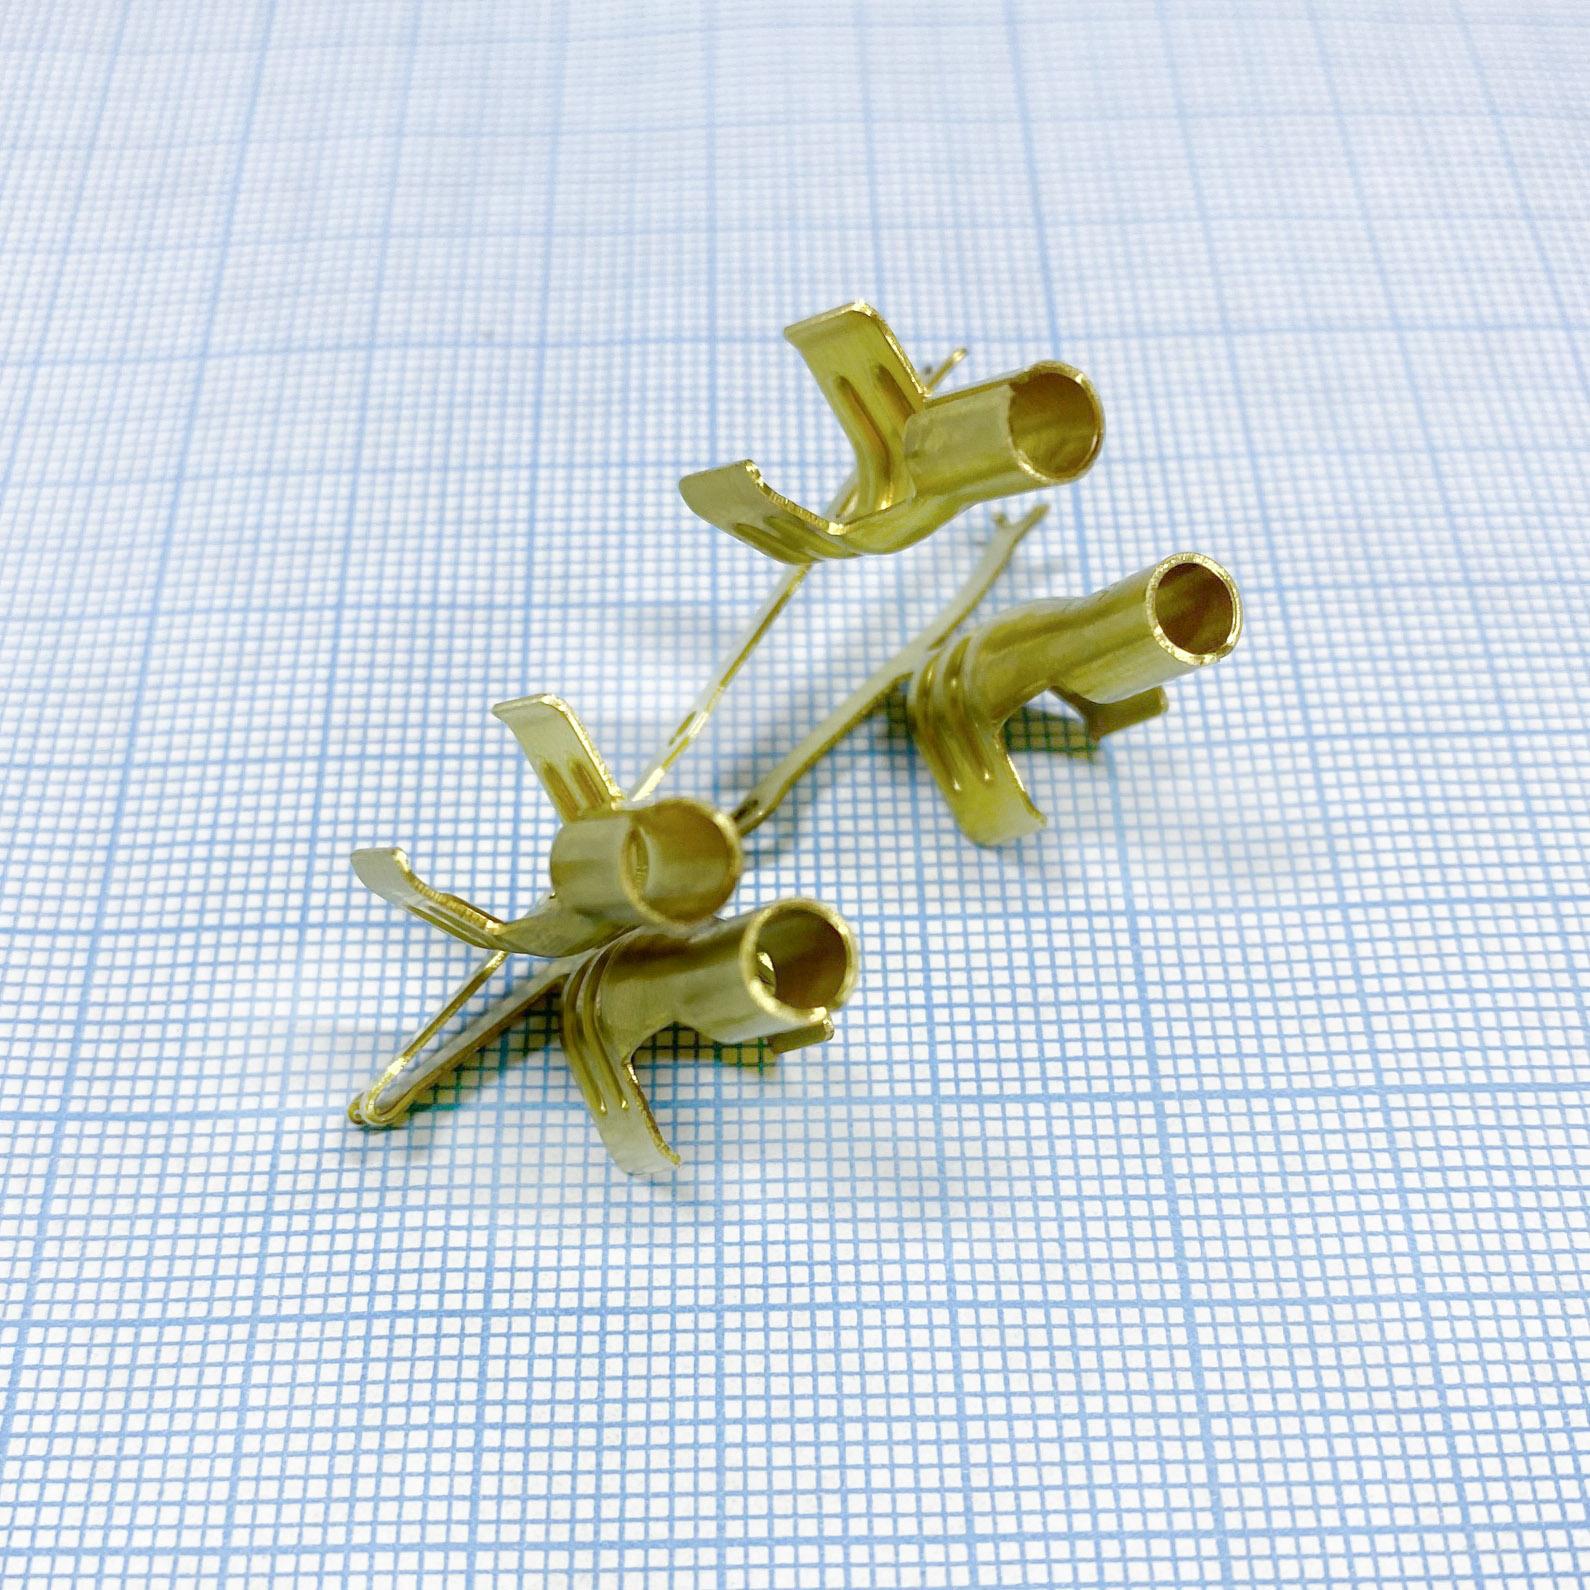 Клемма присоединительная 4 мм для кабеля поджига диаметром 7 мм